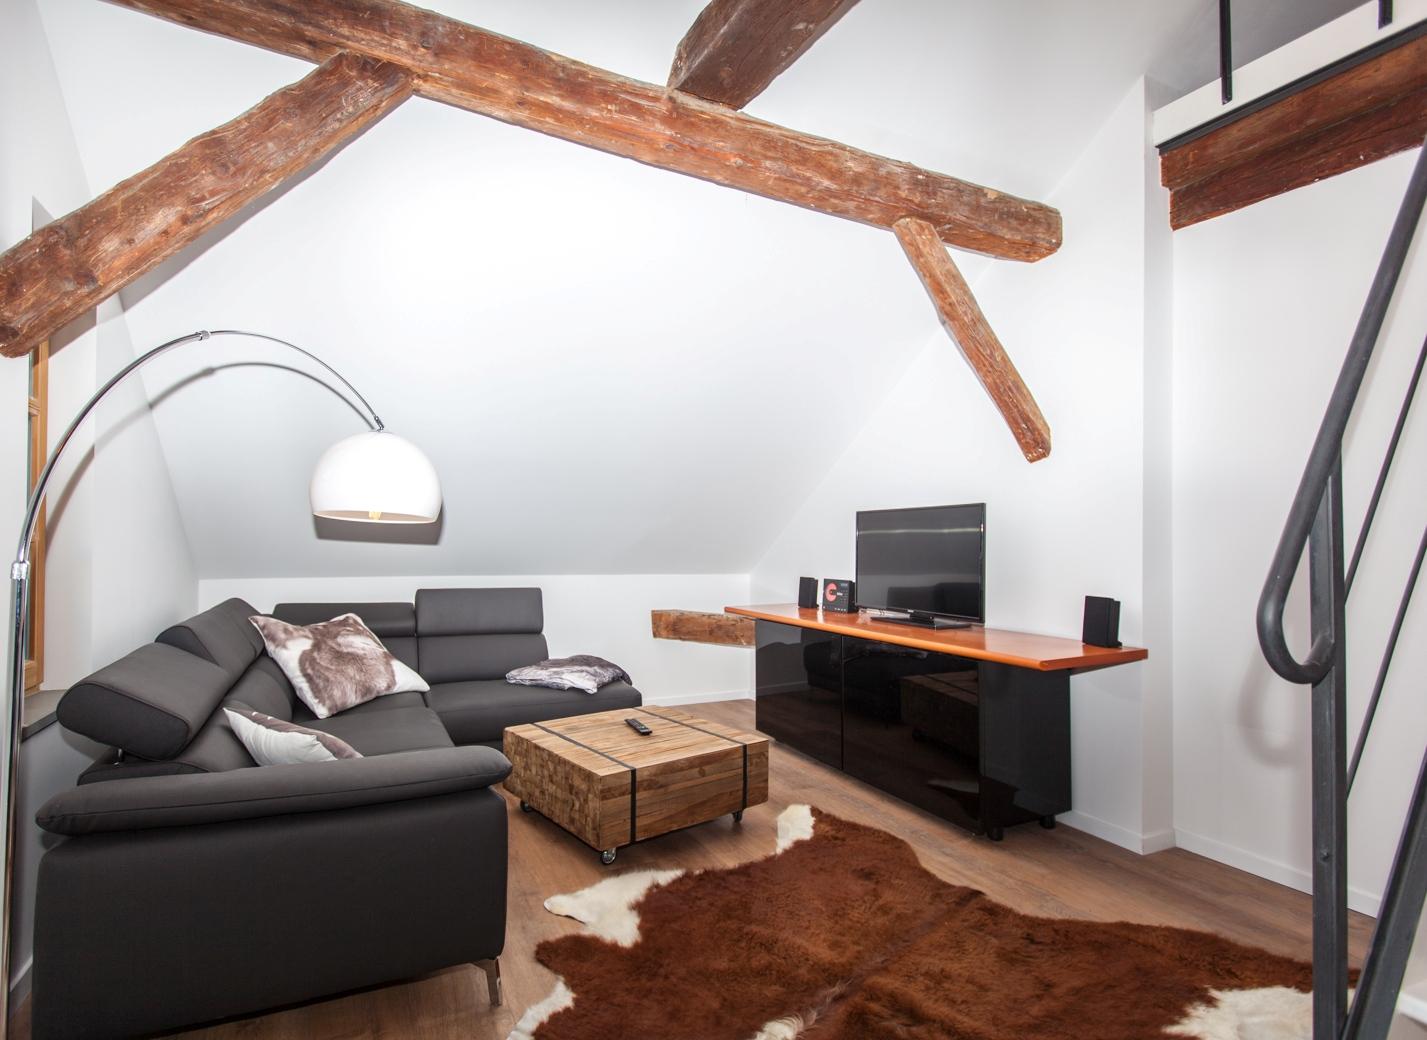 Ferienwohnung Georg Mayer Haus / Wohnung 6 (2397455), Oberstdorf, Allgäu (Bayern), Bayern, Deutschland, Bild 5